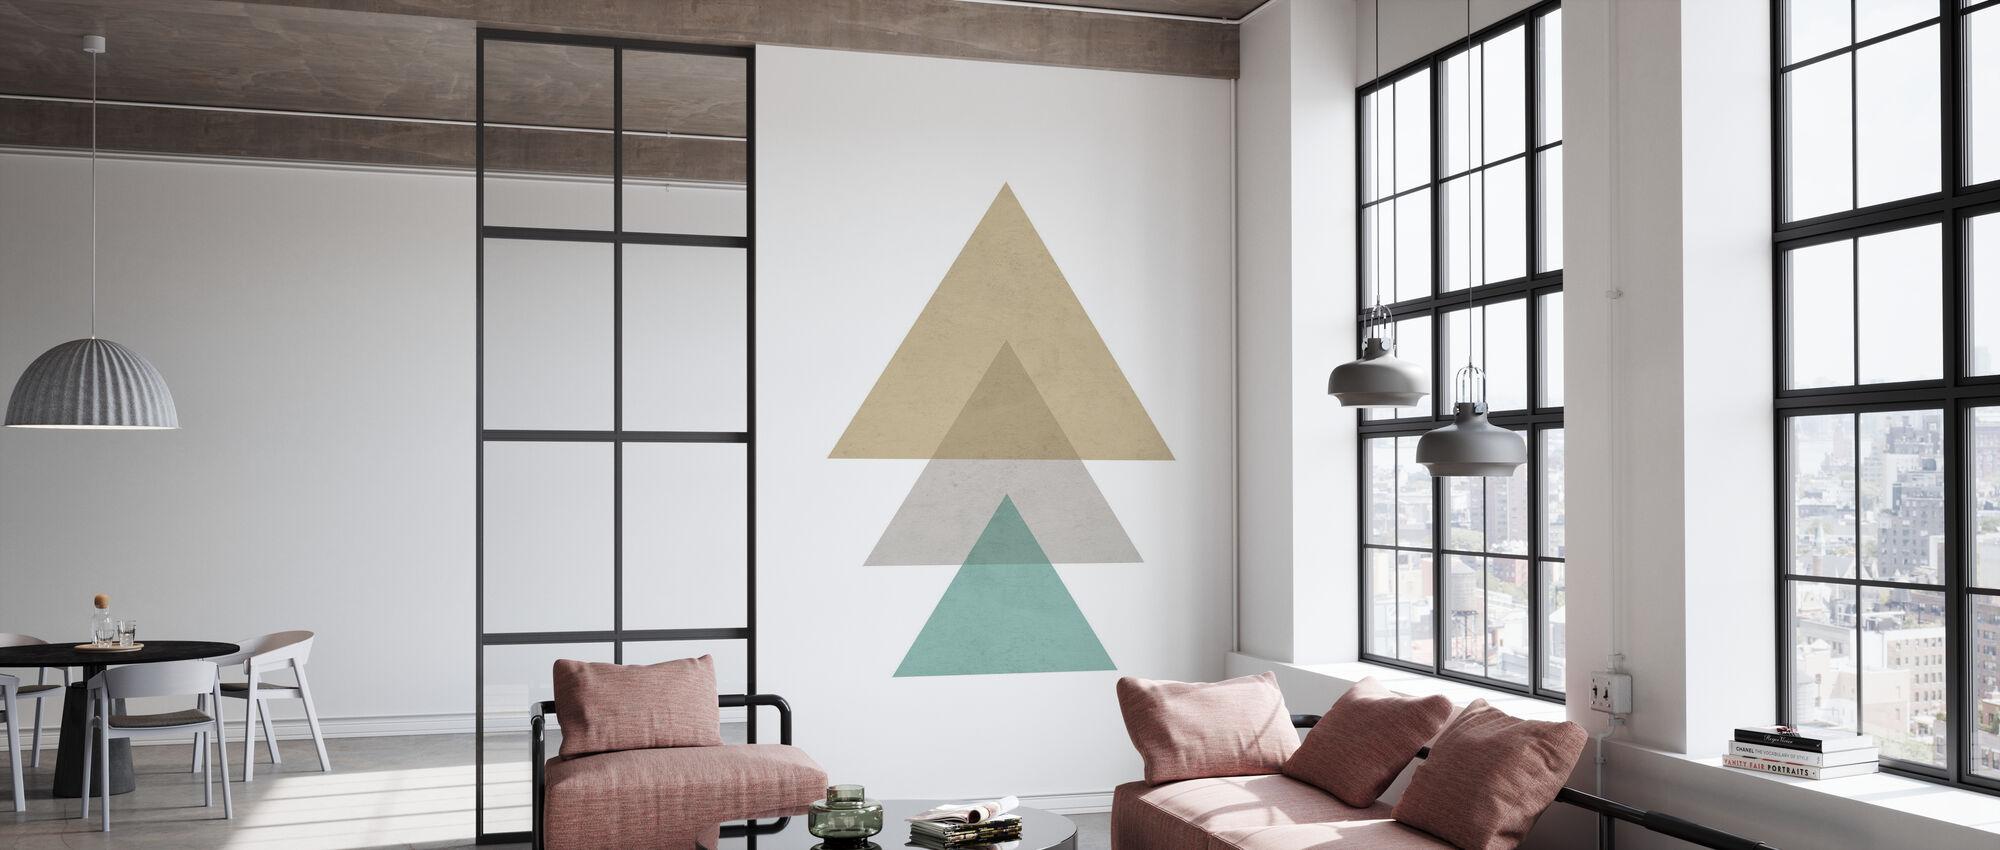 Driehoeken - Aqua - Behang - Kantoor